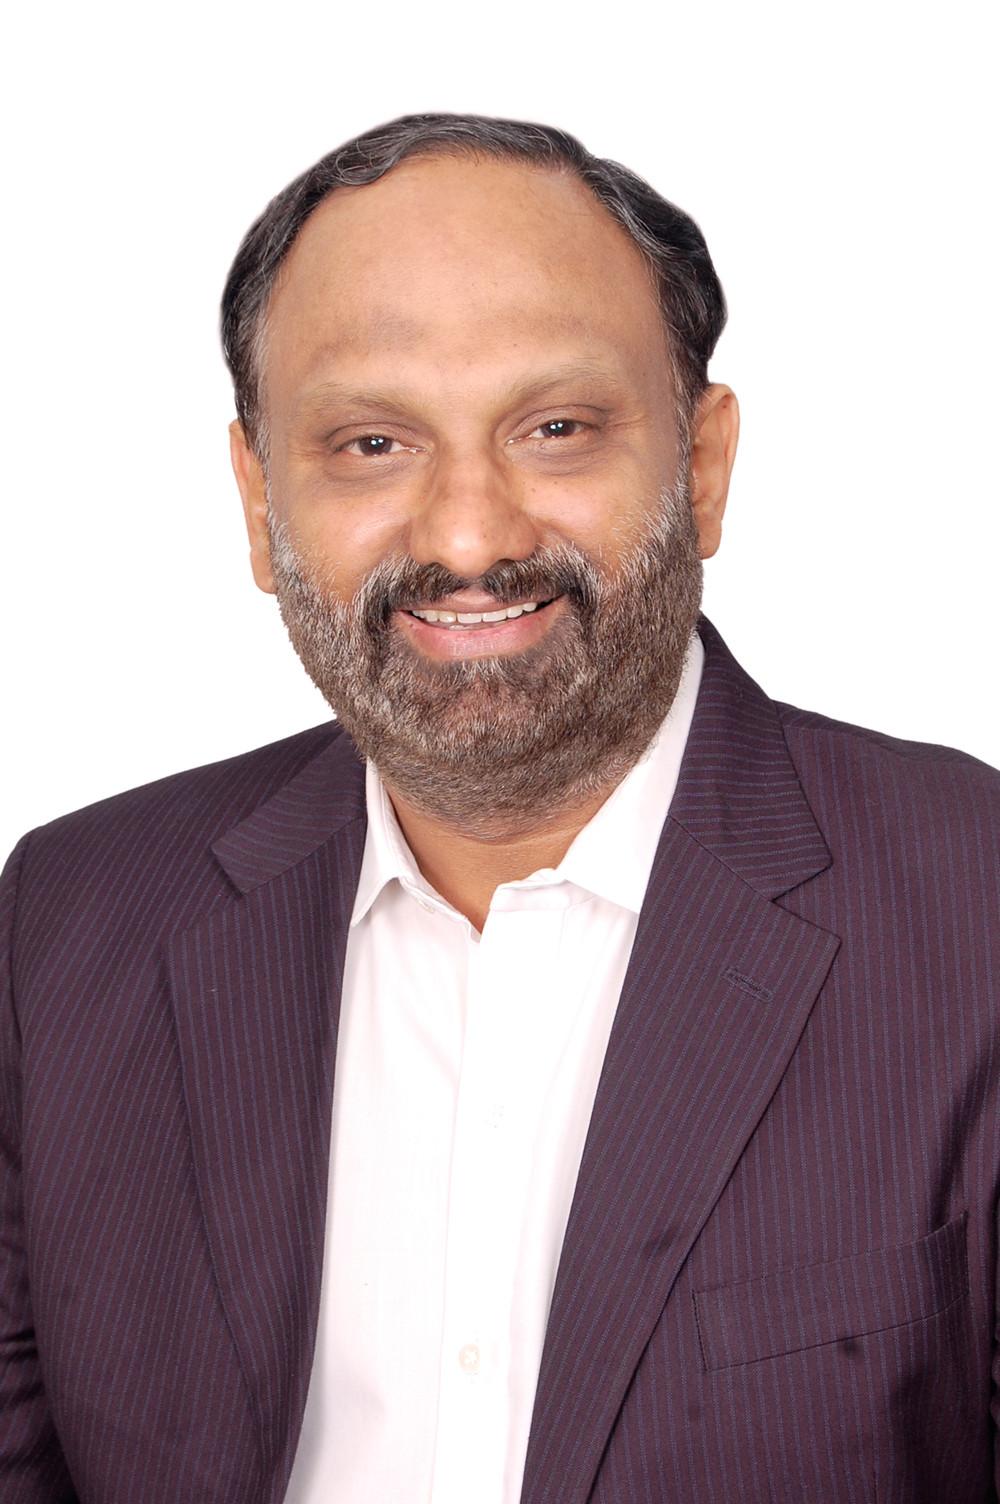 Vinod Kumar, CEO of Satcom Infotech